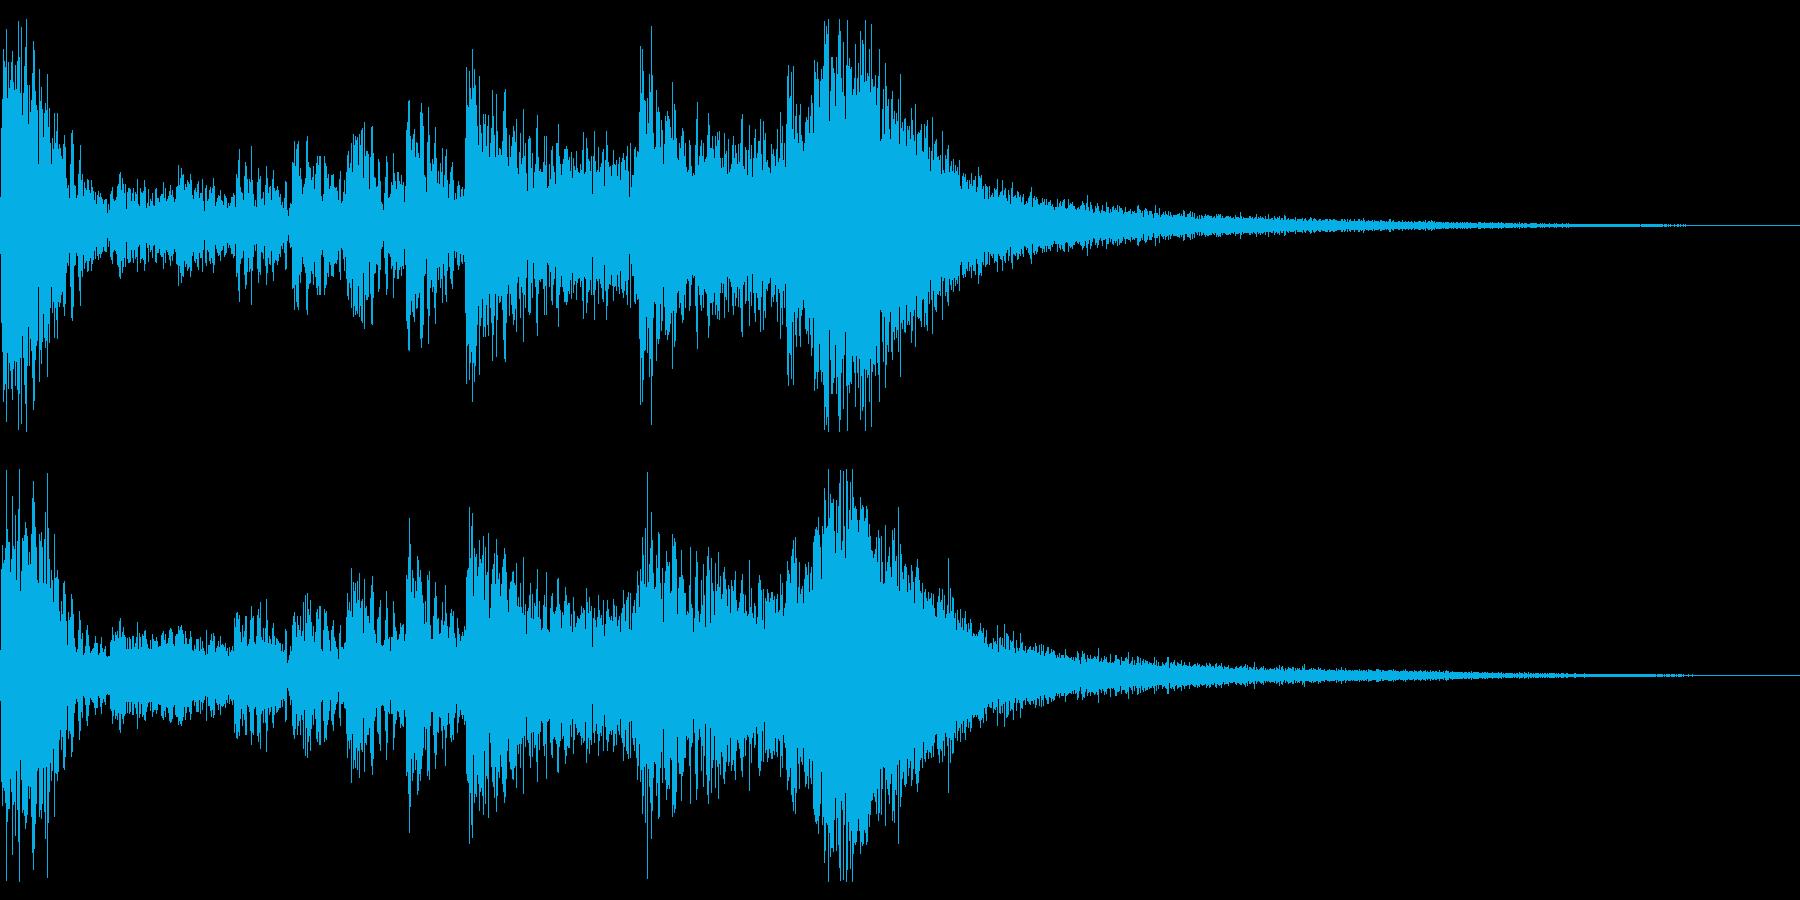 太鼓、声、笛の力強い和風ジングルの再生済みの波形